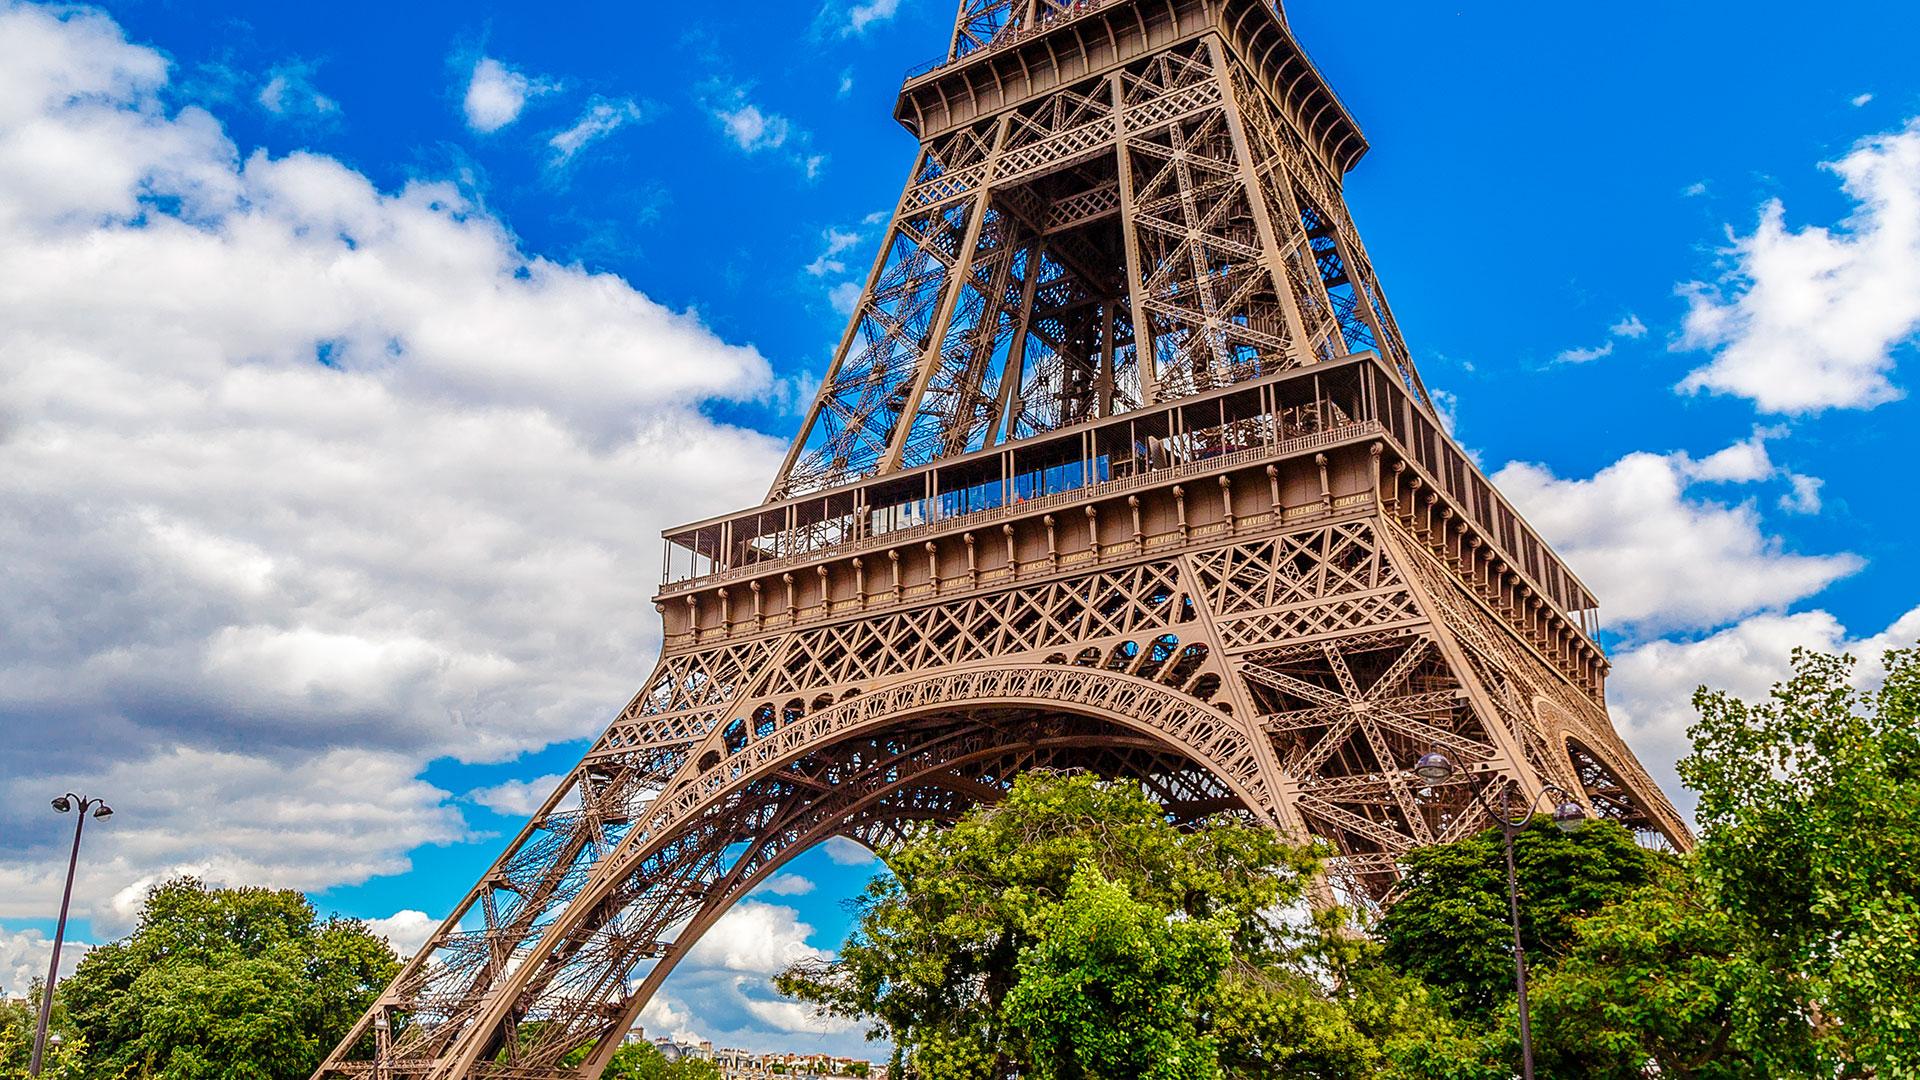 Situada en el extremo del Campo de Marte a la orilla del río Sena, este monumento parisino, símbolo de Francia y de su capital, es la estructura más alta de la ciudad y el monumento que cobra entrada más visitado del mundo, con 7,1 millones de turistas cada año